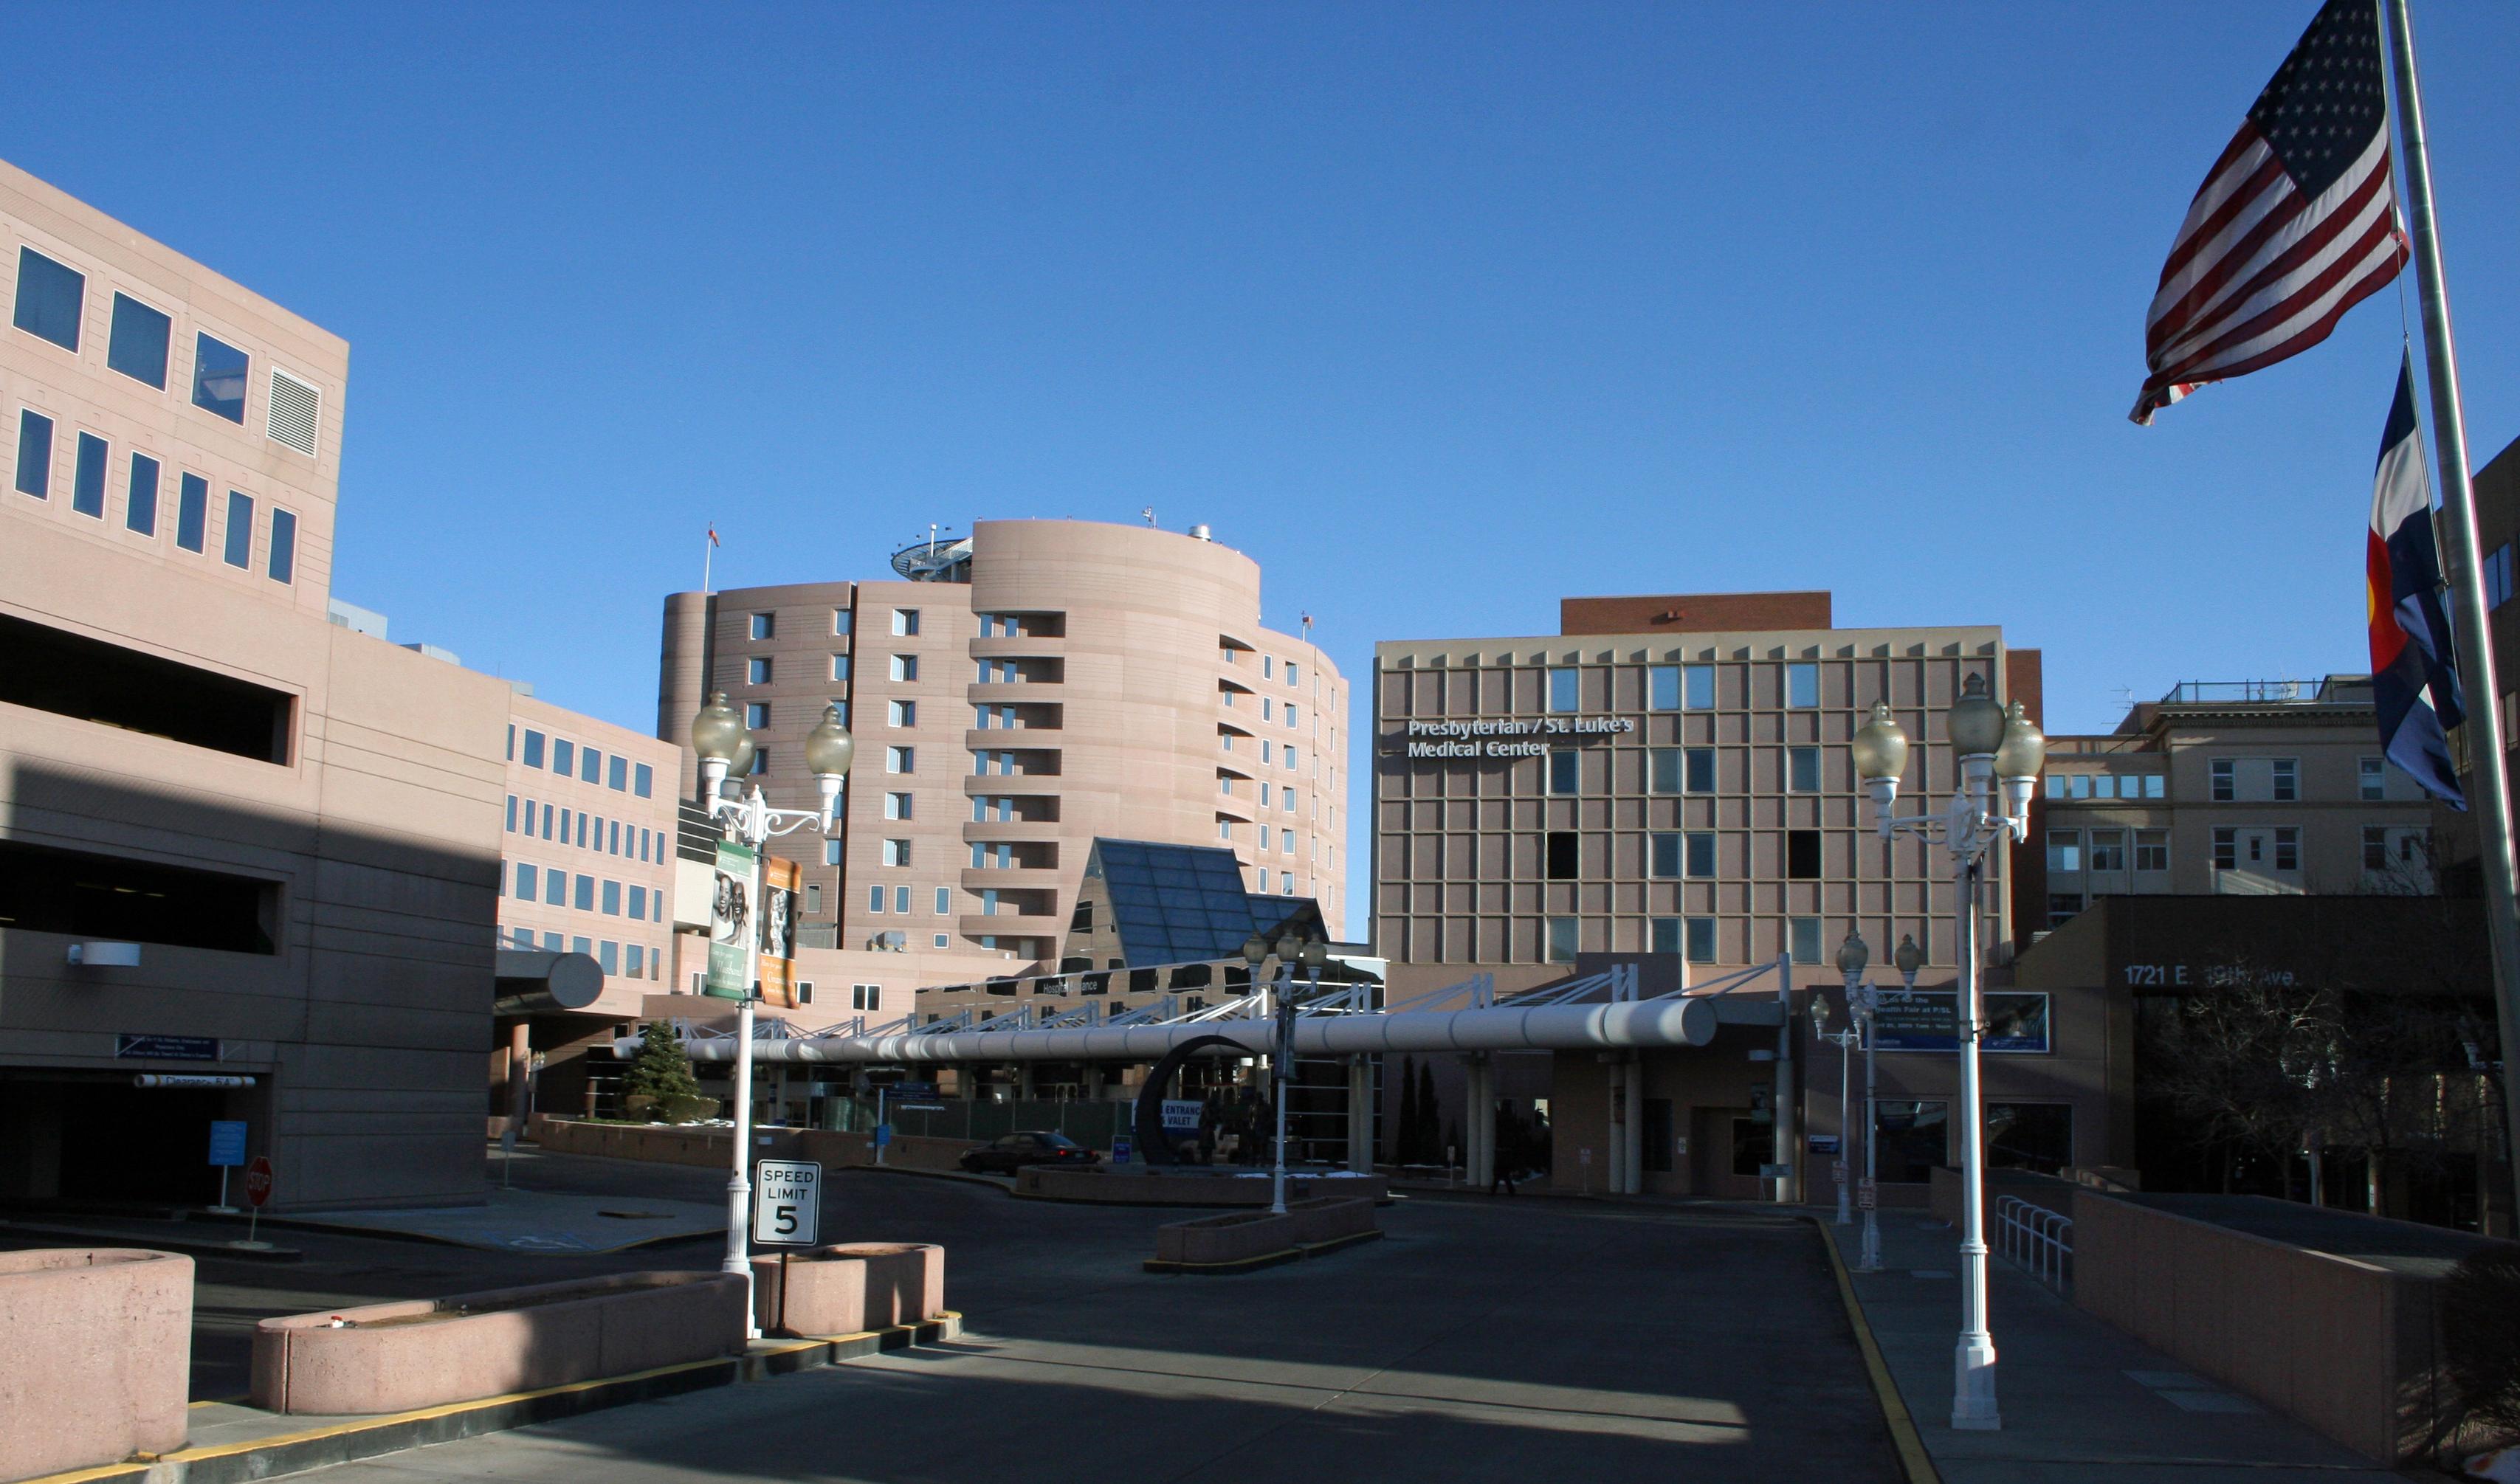 St  Luke's Medical Center (Denver) - Wikipedia